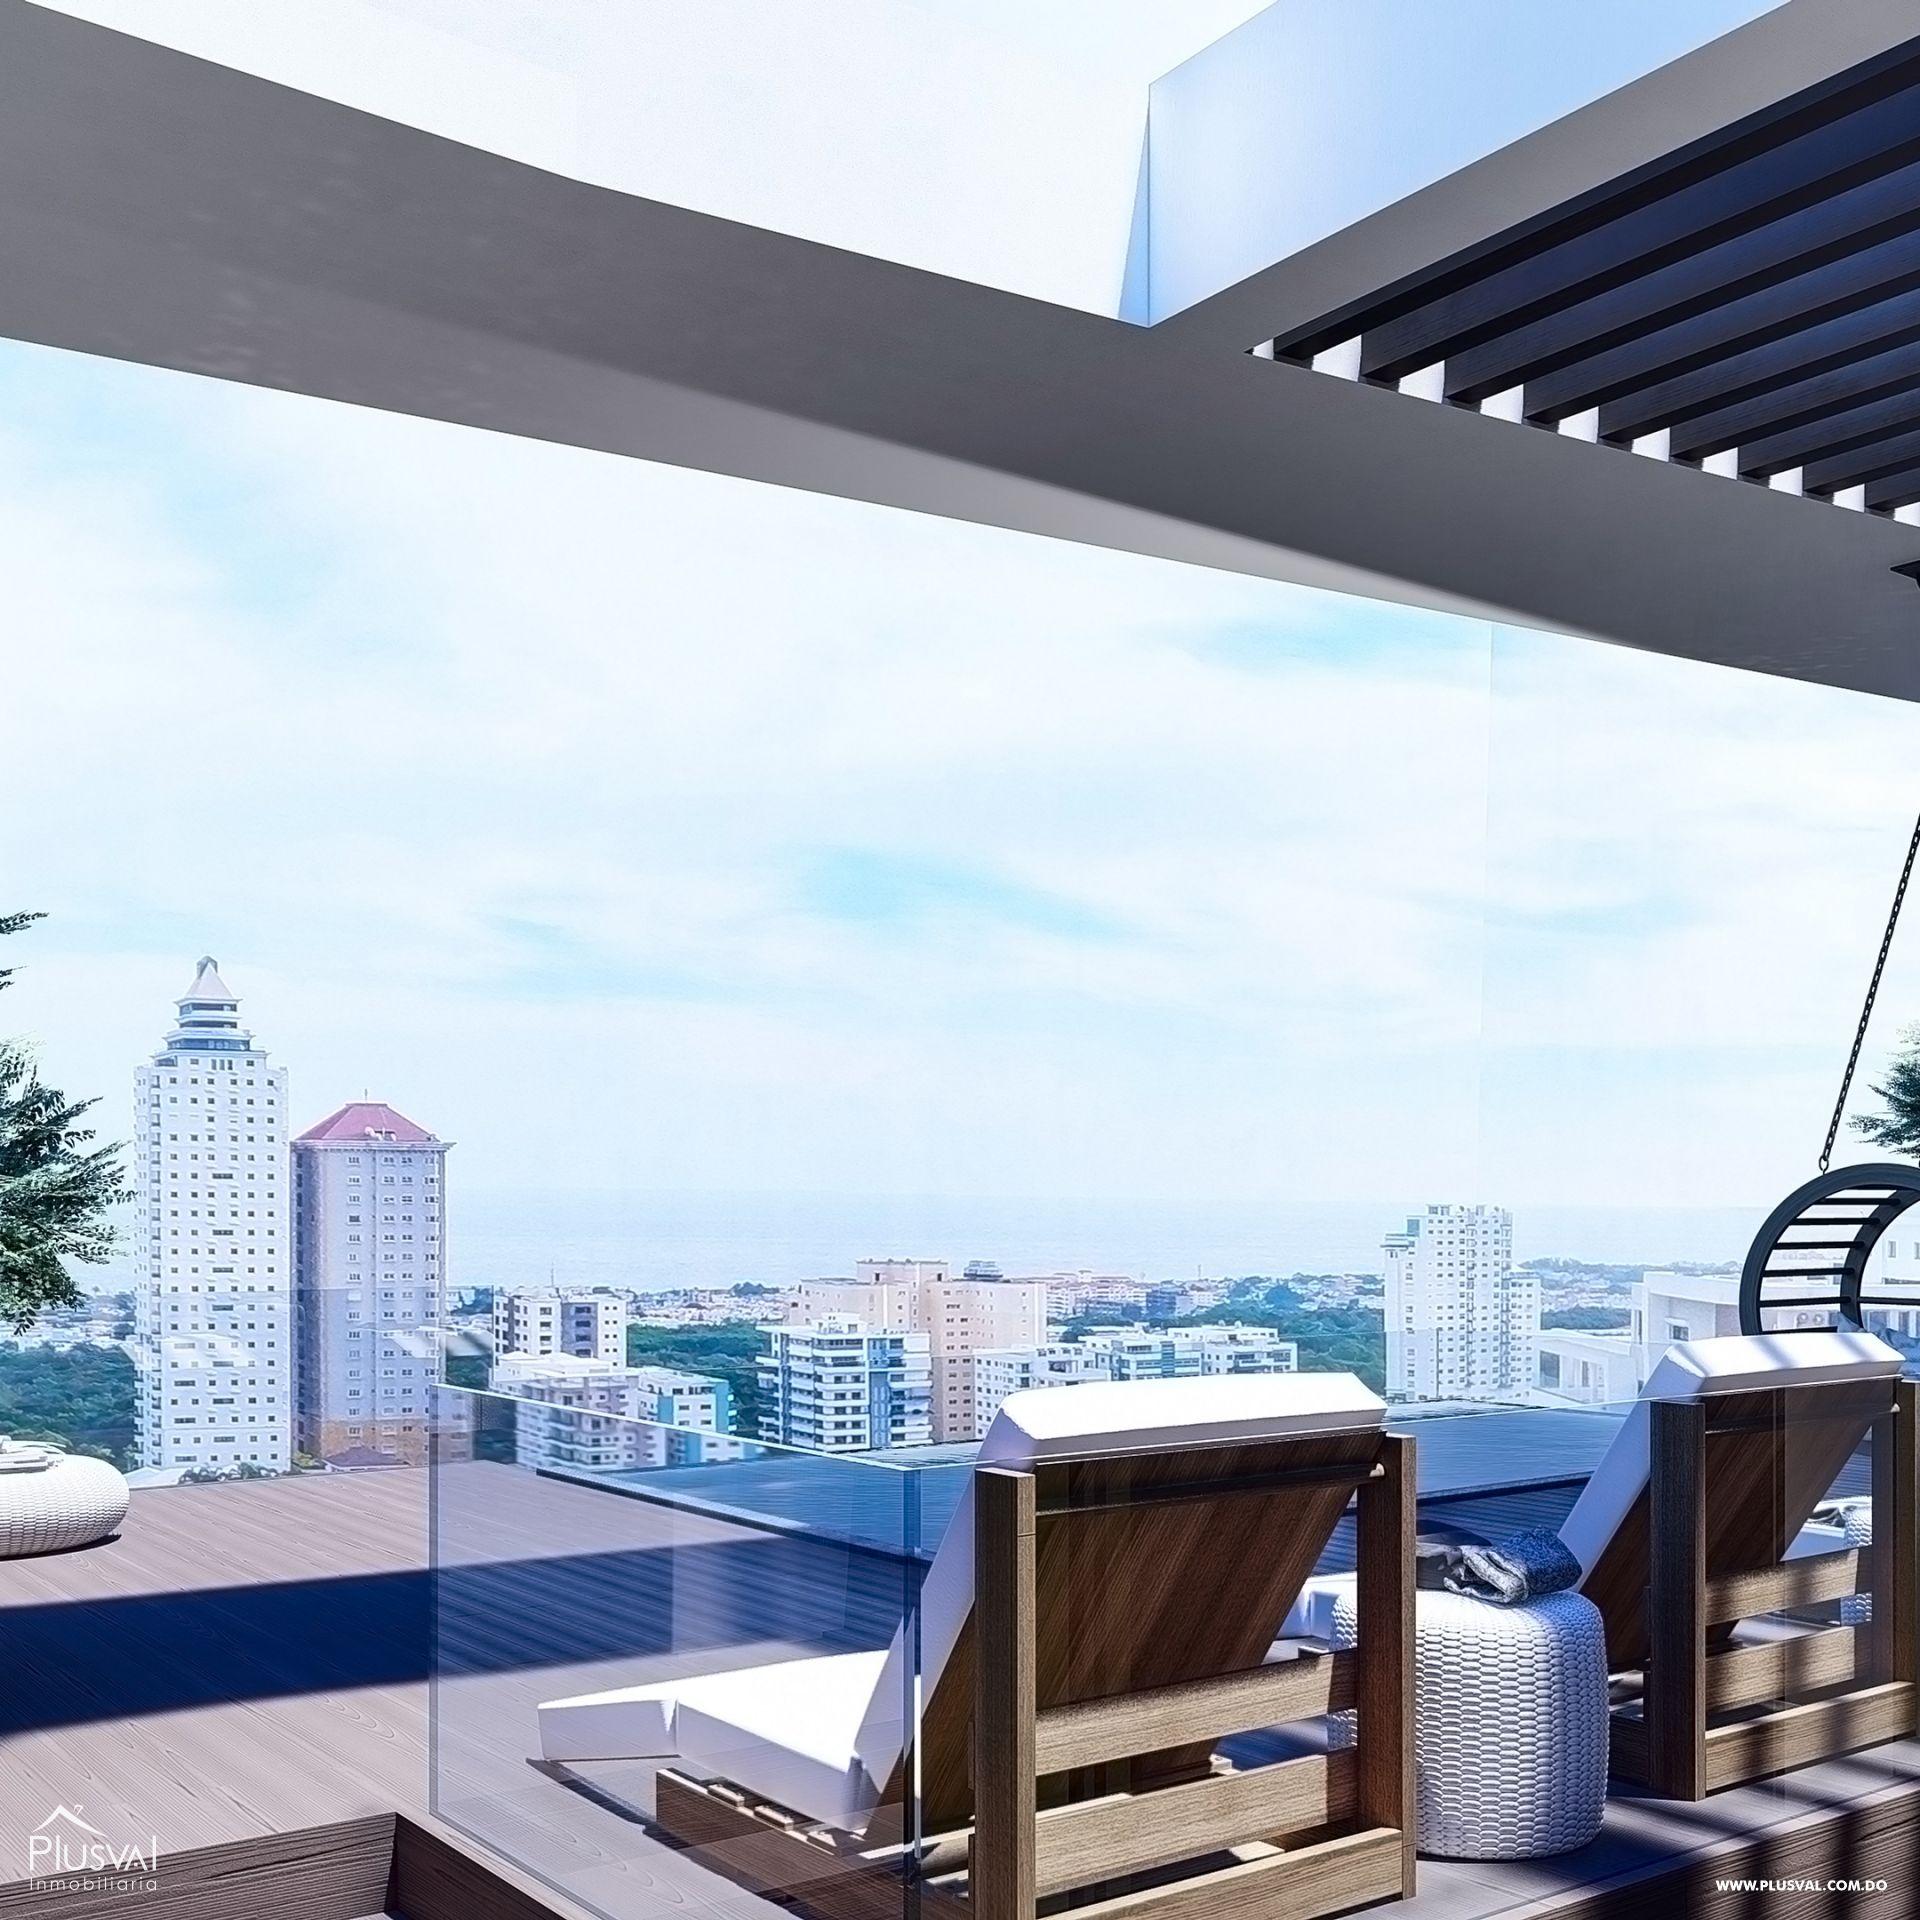 Imponente torre con apartamentos en venta uno por piso, Cacicazgos.